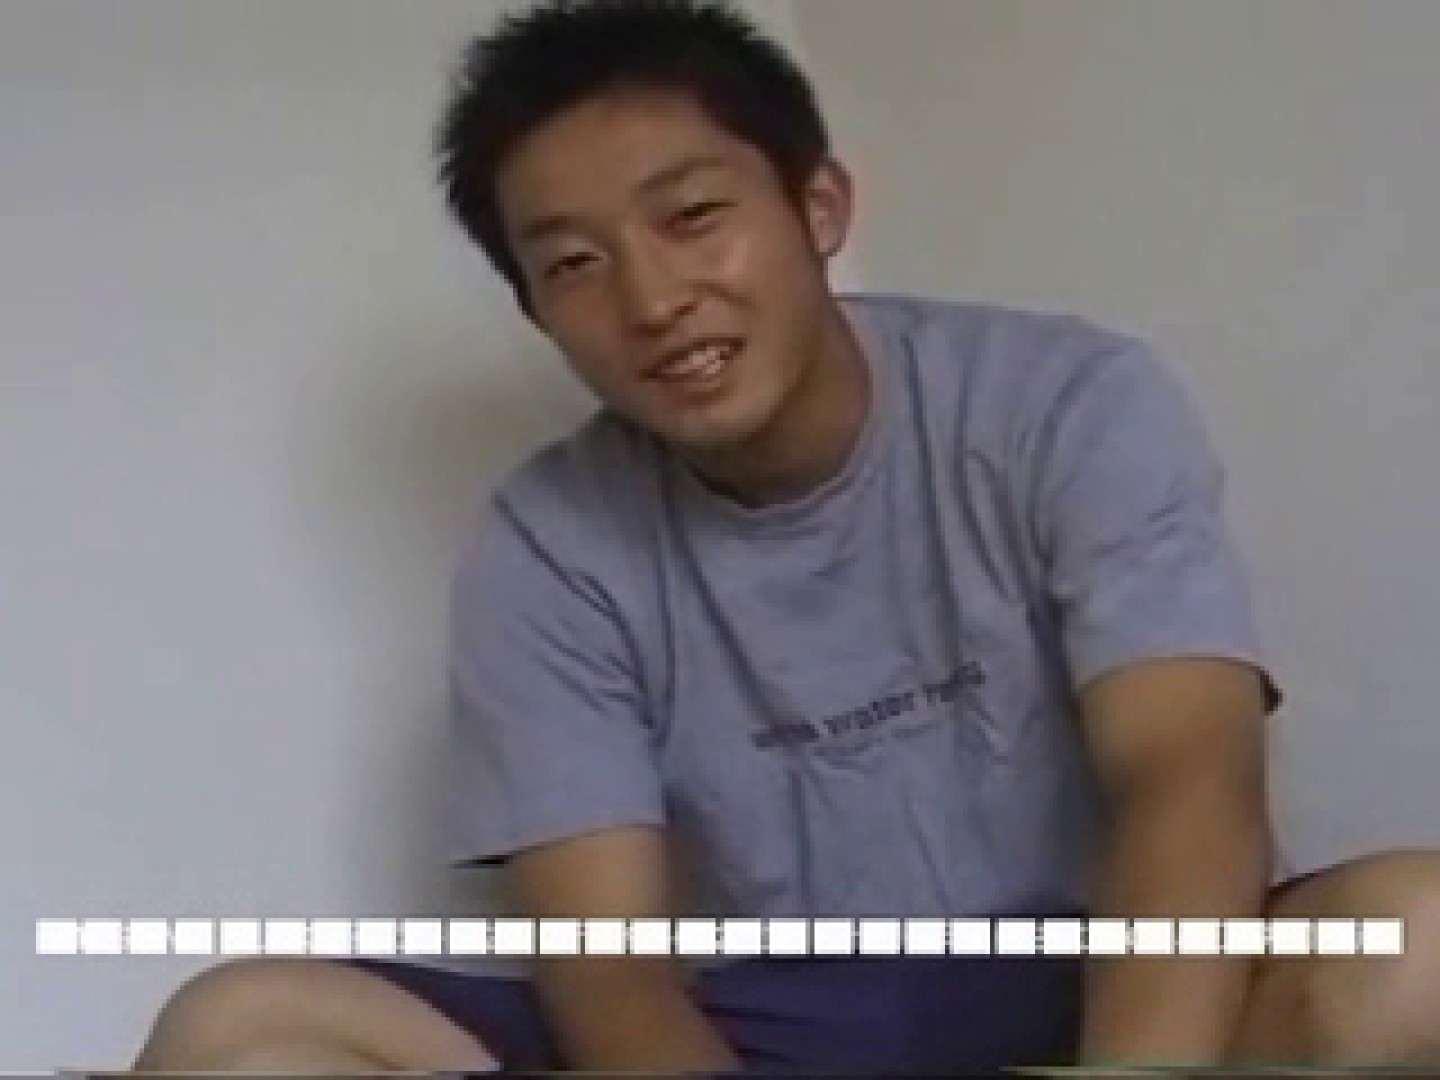 ノンケラガーメンズの裏バイト トライtheオナニーvol.5 ノンケ一筋 男同士動画 88pic 3